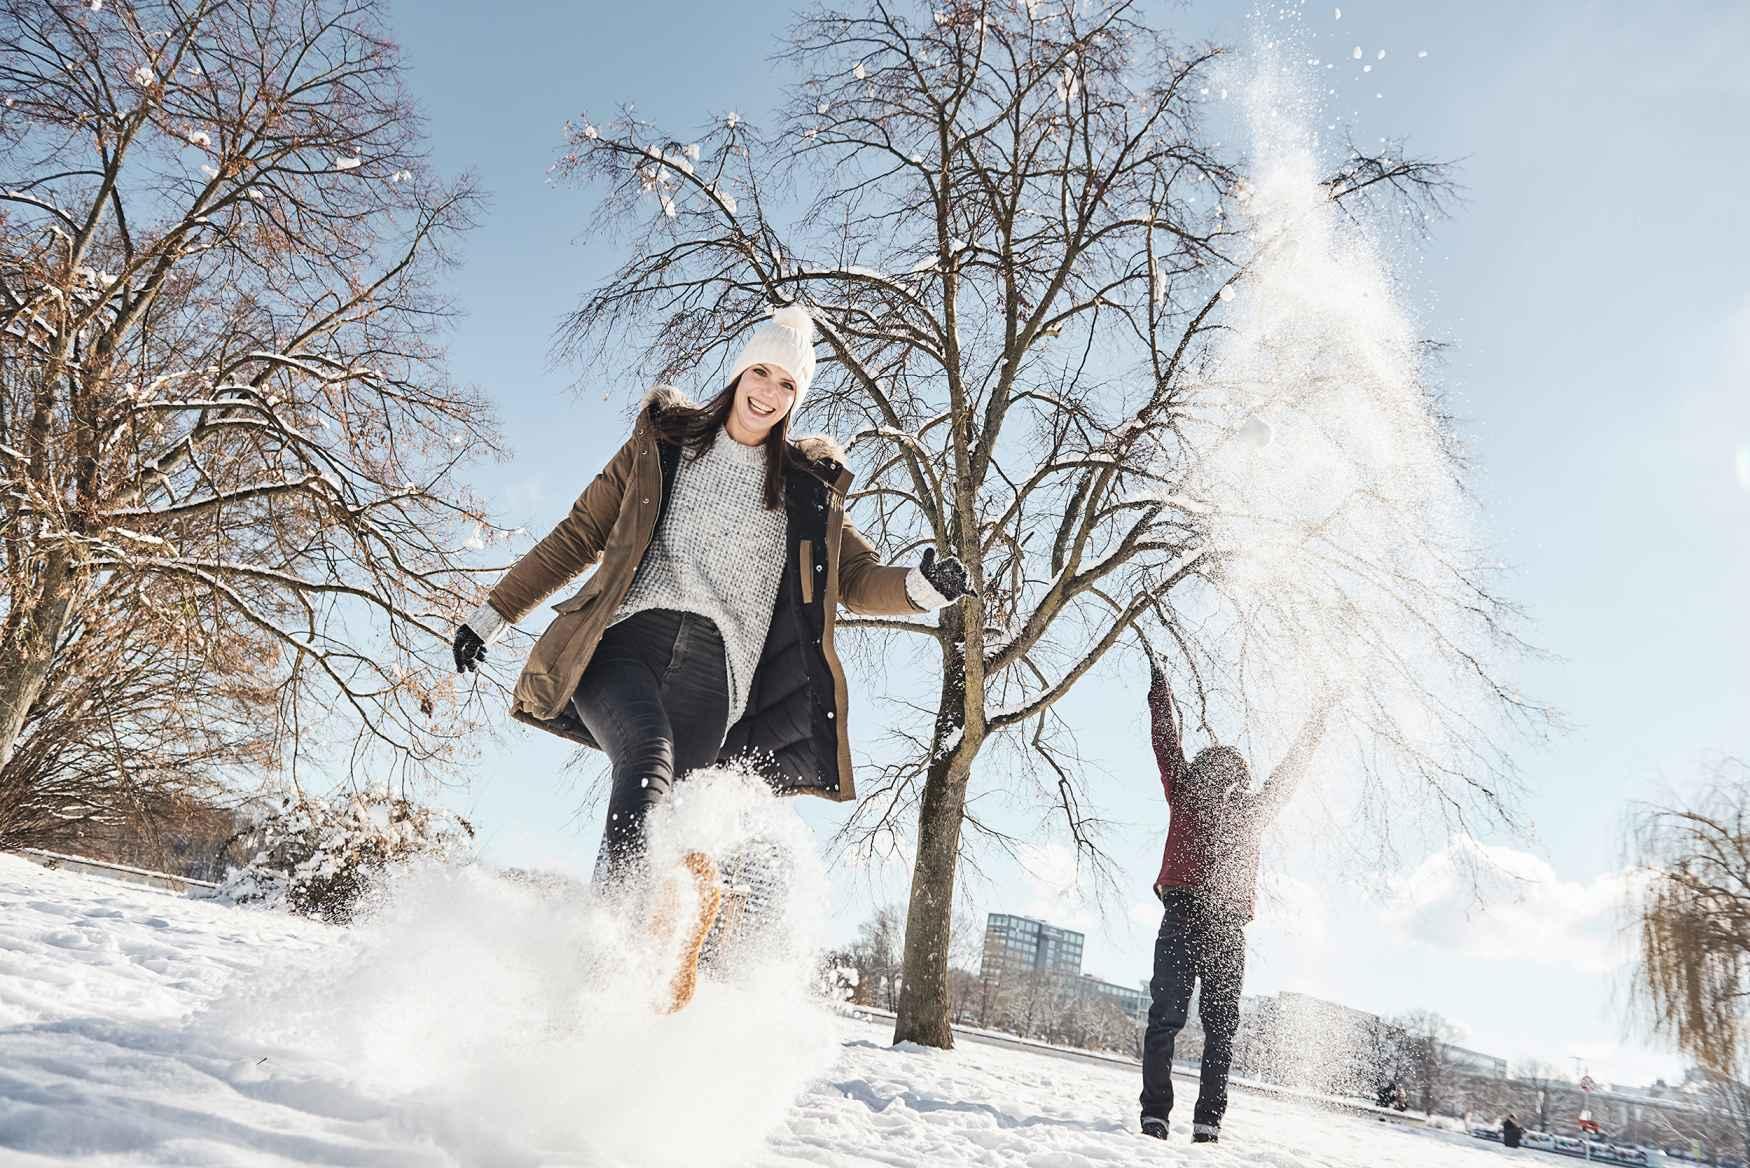 Het weer is nat en onstabiel in de overgangsperiode tussen de herfst en de winter. Maar voor winterschoenen is het de meeste dagen nog veel te warm. Gelukkig kun je dan een tussenoplossing blijven dragen, zoals de MOLVENO II GTX. Dankzij de GORE-TEX Panda-voering kunnen de voeten op zonnige herfstdagen lekker doorademen en zijn ze altijd goed beschermd dankzij het slijtvaste buitenmateriaal van robuust gladleer. Een ritssluiting aan de zijkant zorgt voor een makkelijke instap.